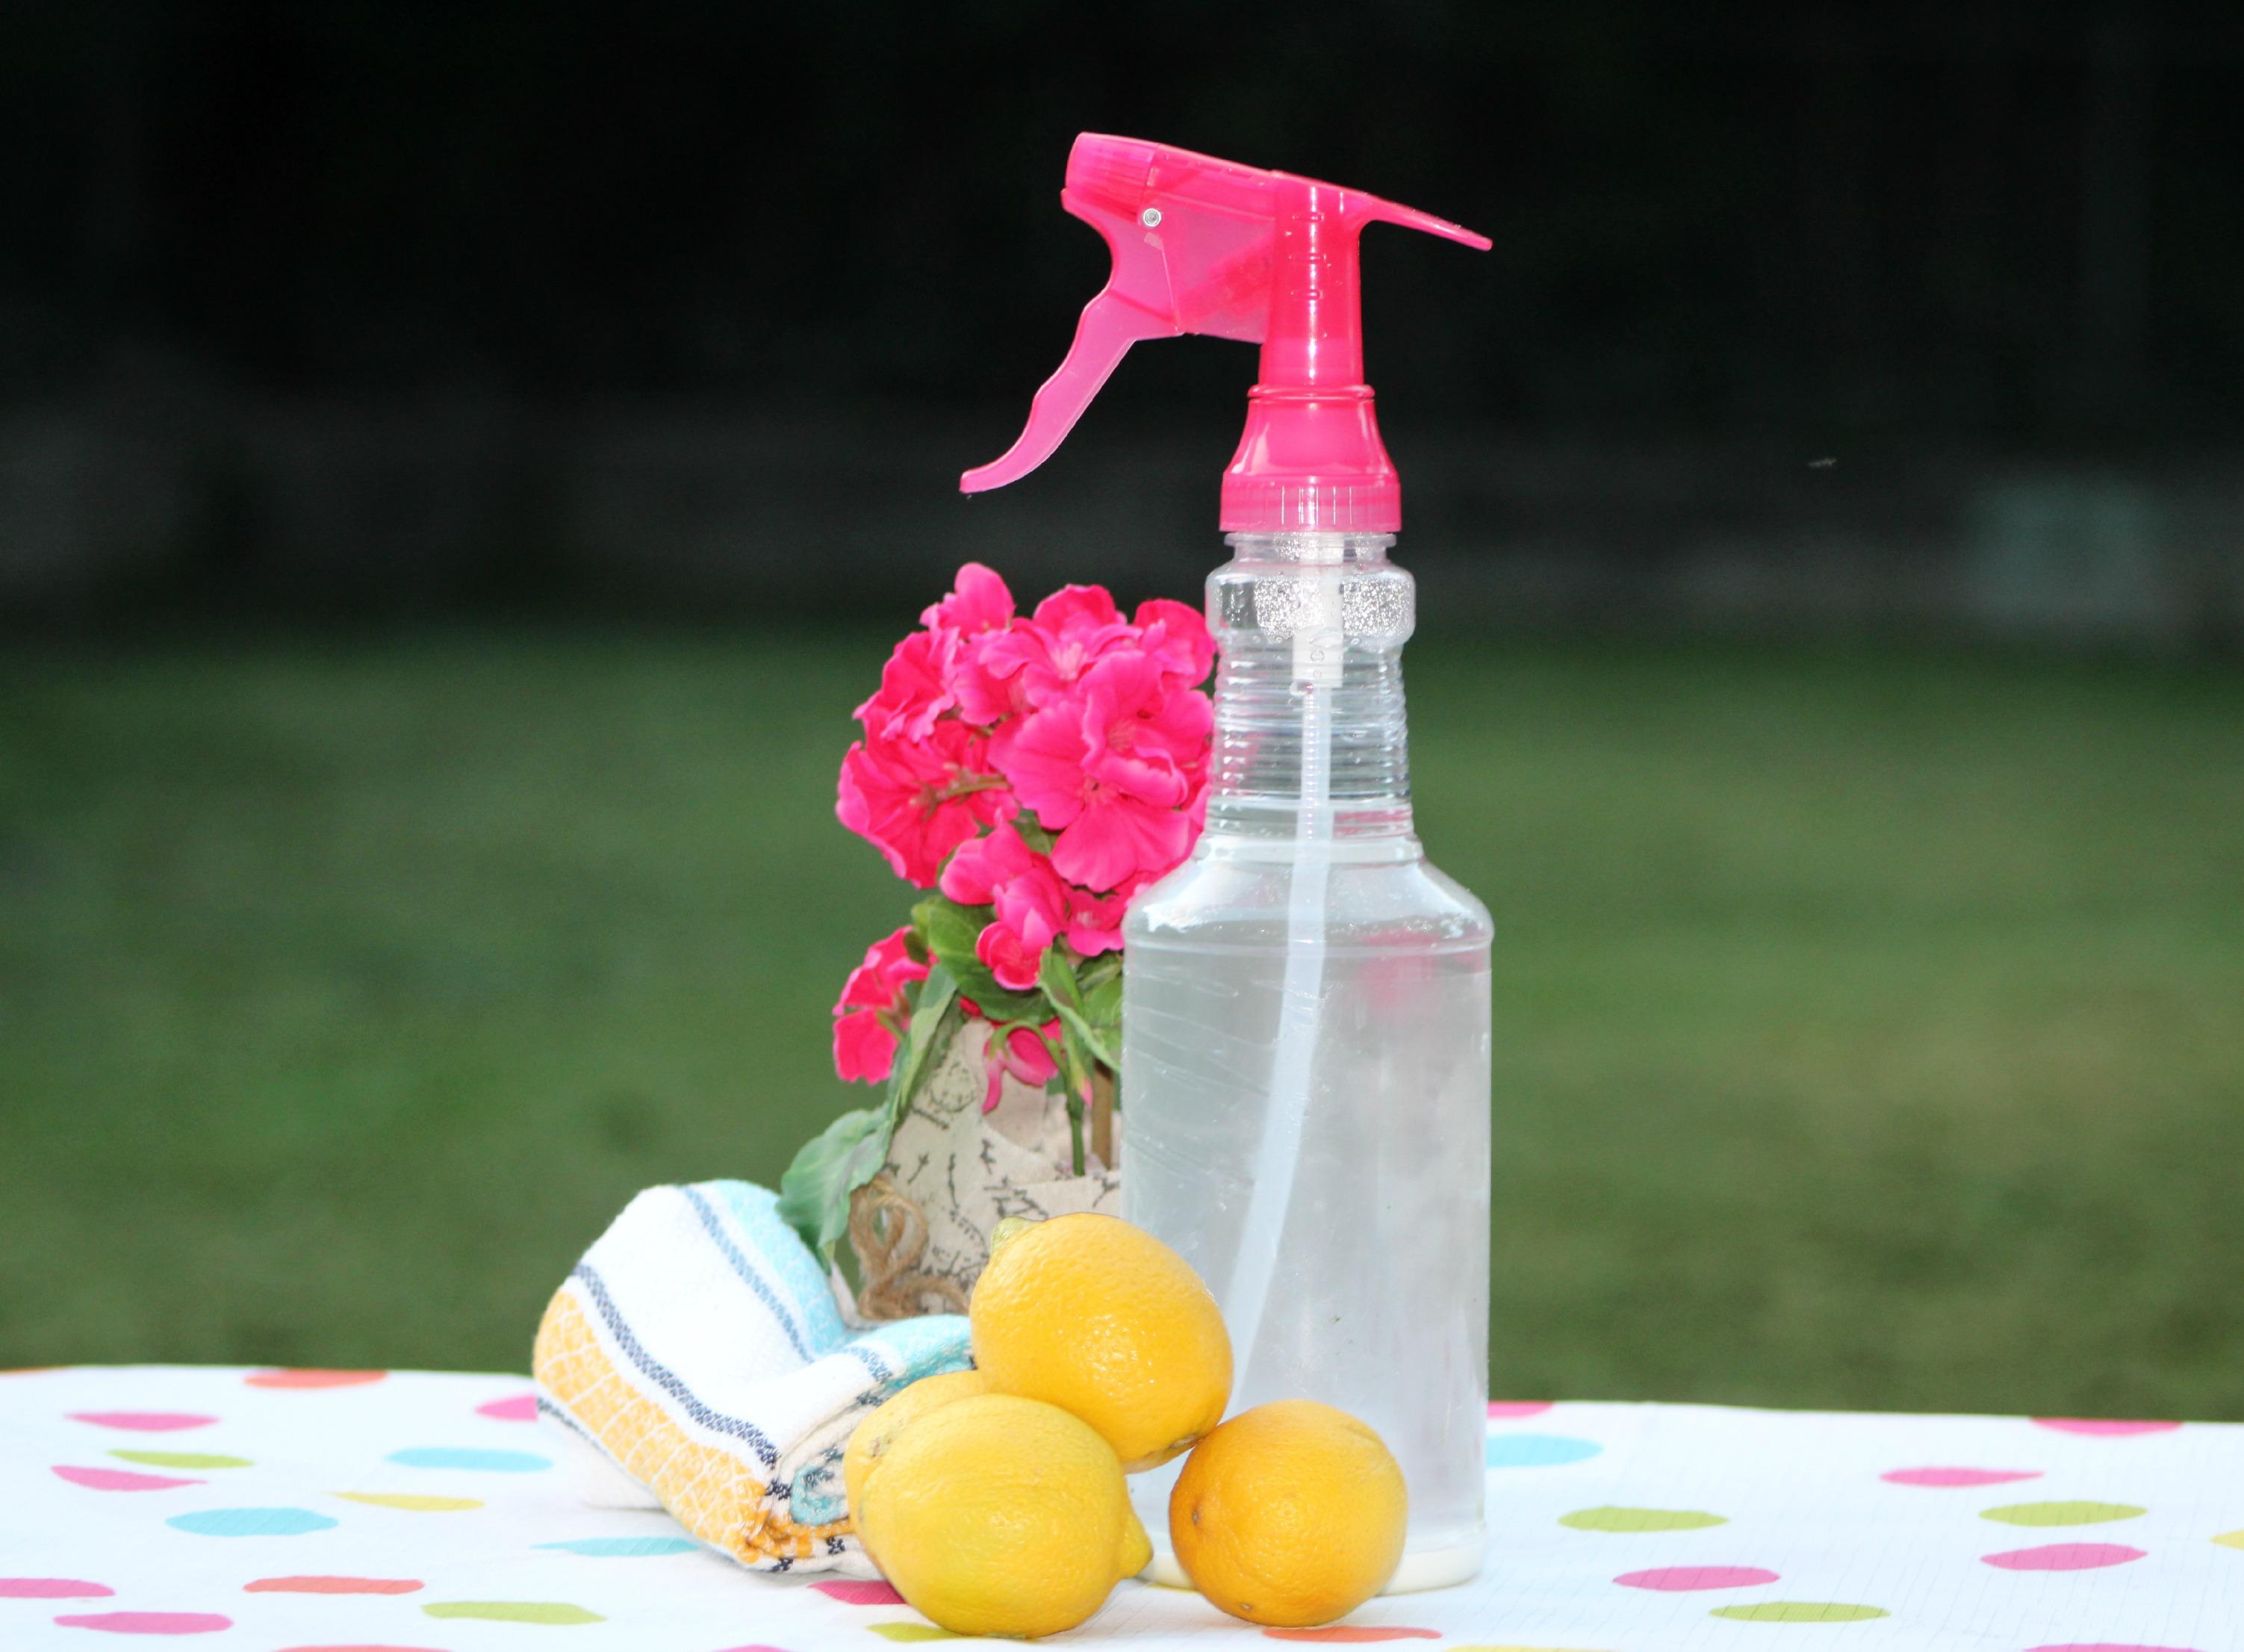 DIY Natural All Purpose Cleaner